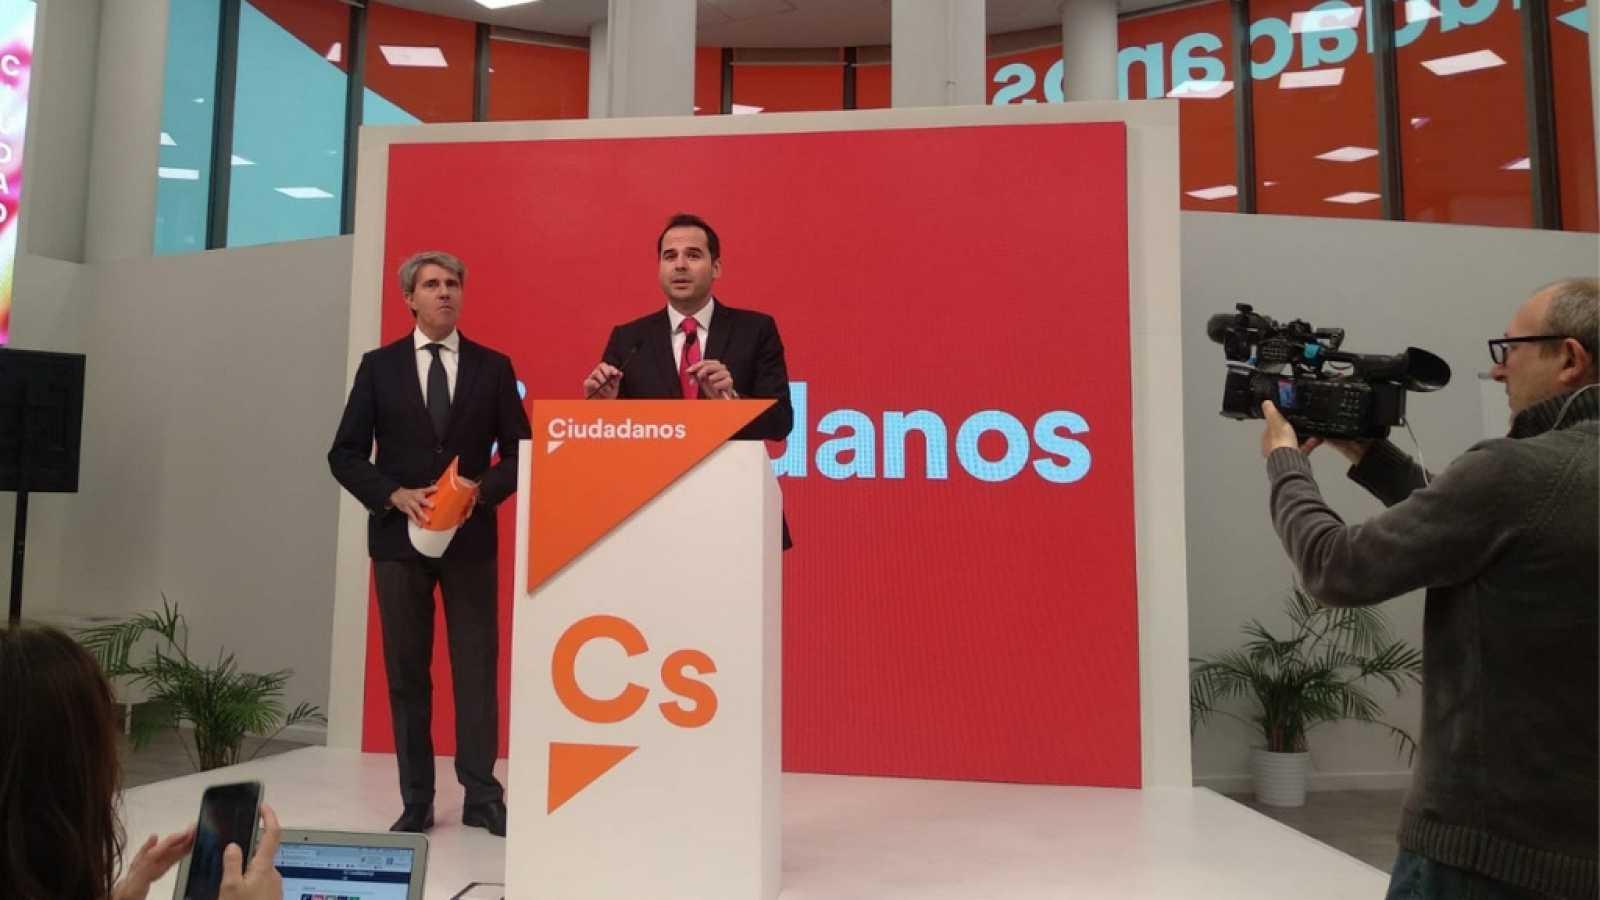 Informativos Madrid - Ángel Garrido deja el PP y ficha por Ciudadanos para las elecciones autonómicas - escuchar ahora